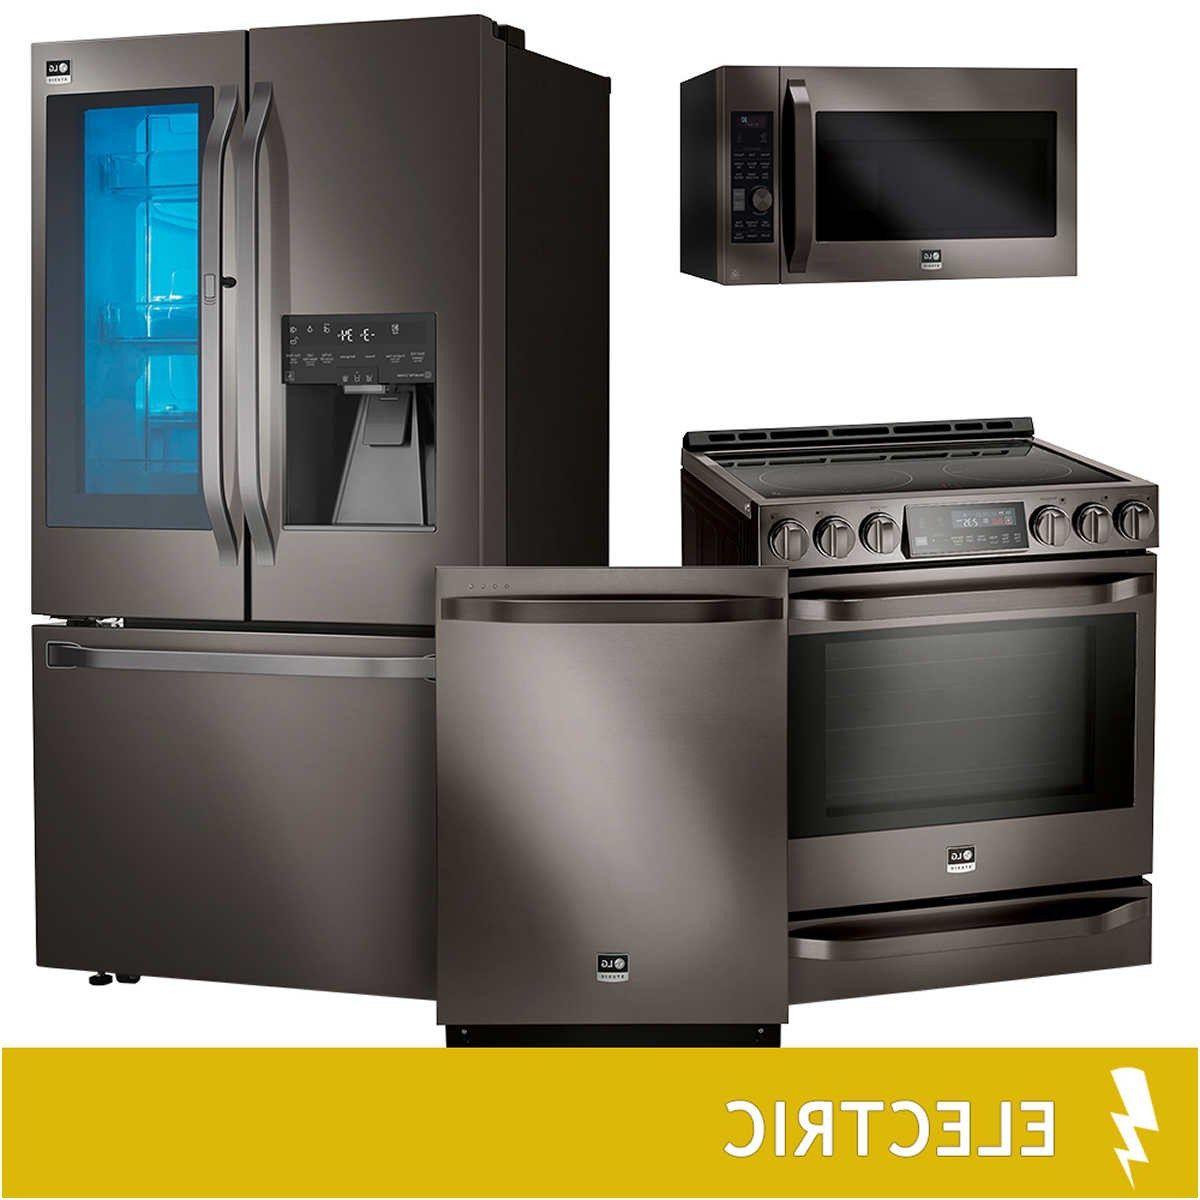 Brandsmart Kitchen Appliance Packages  Dandk Organizer